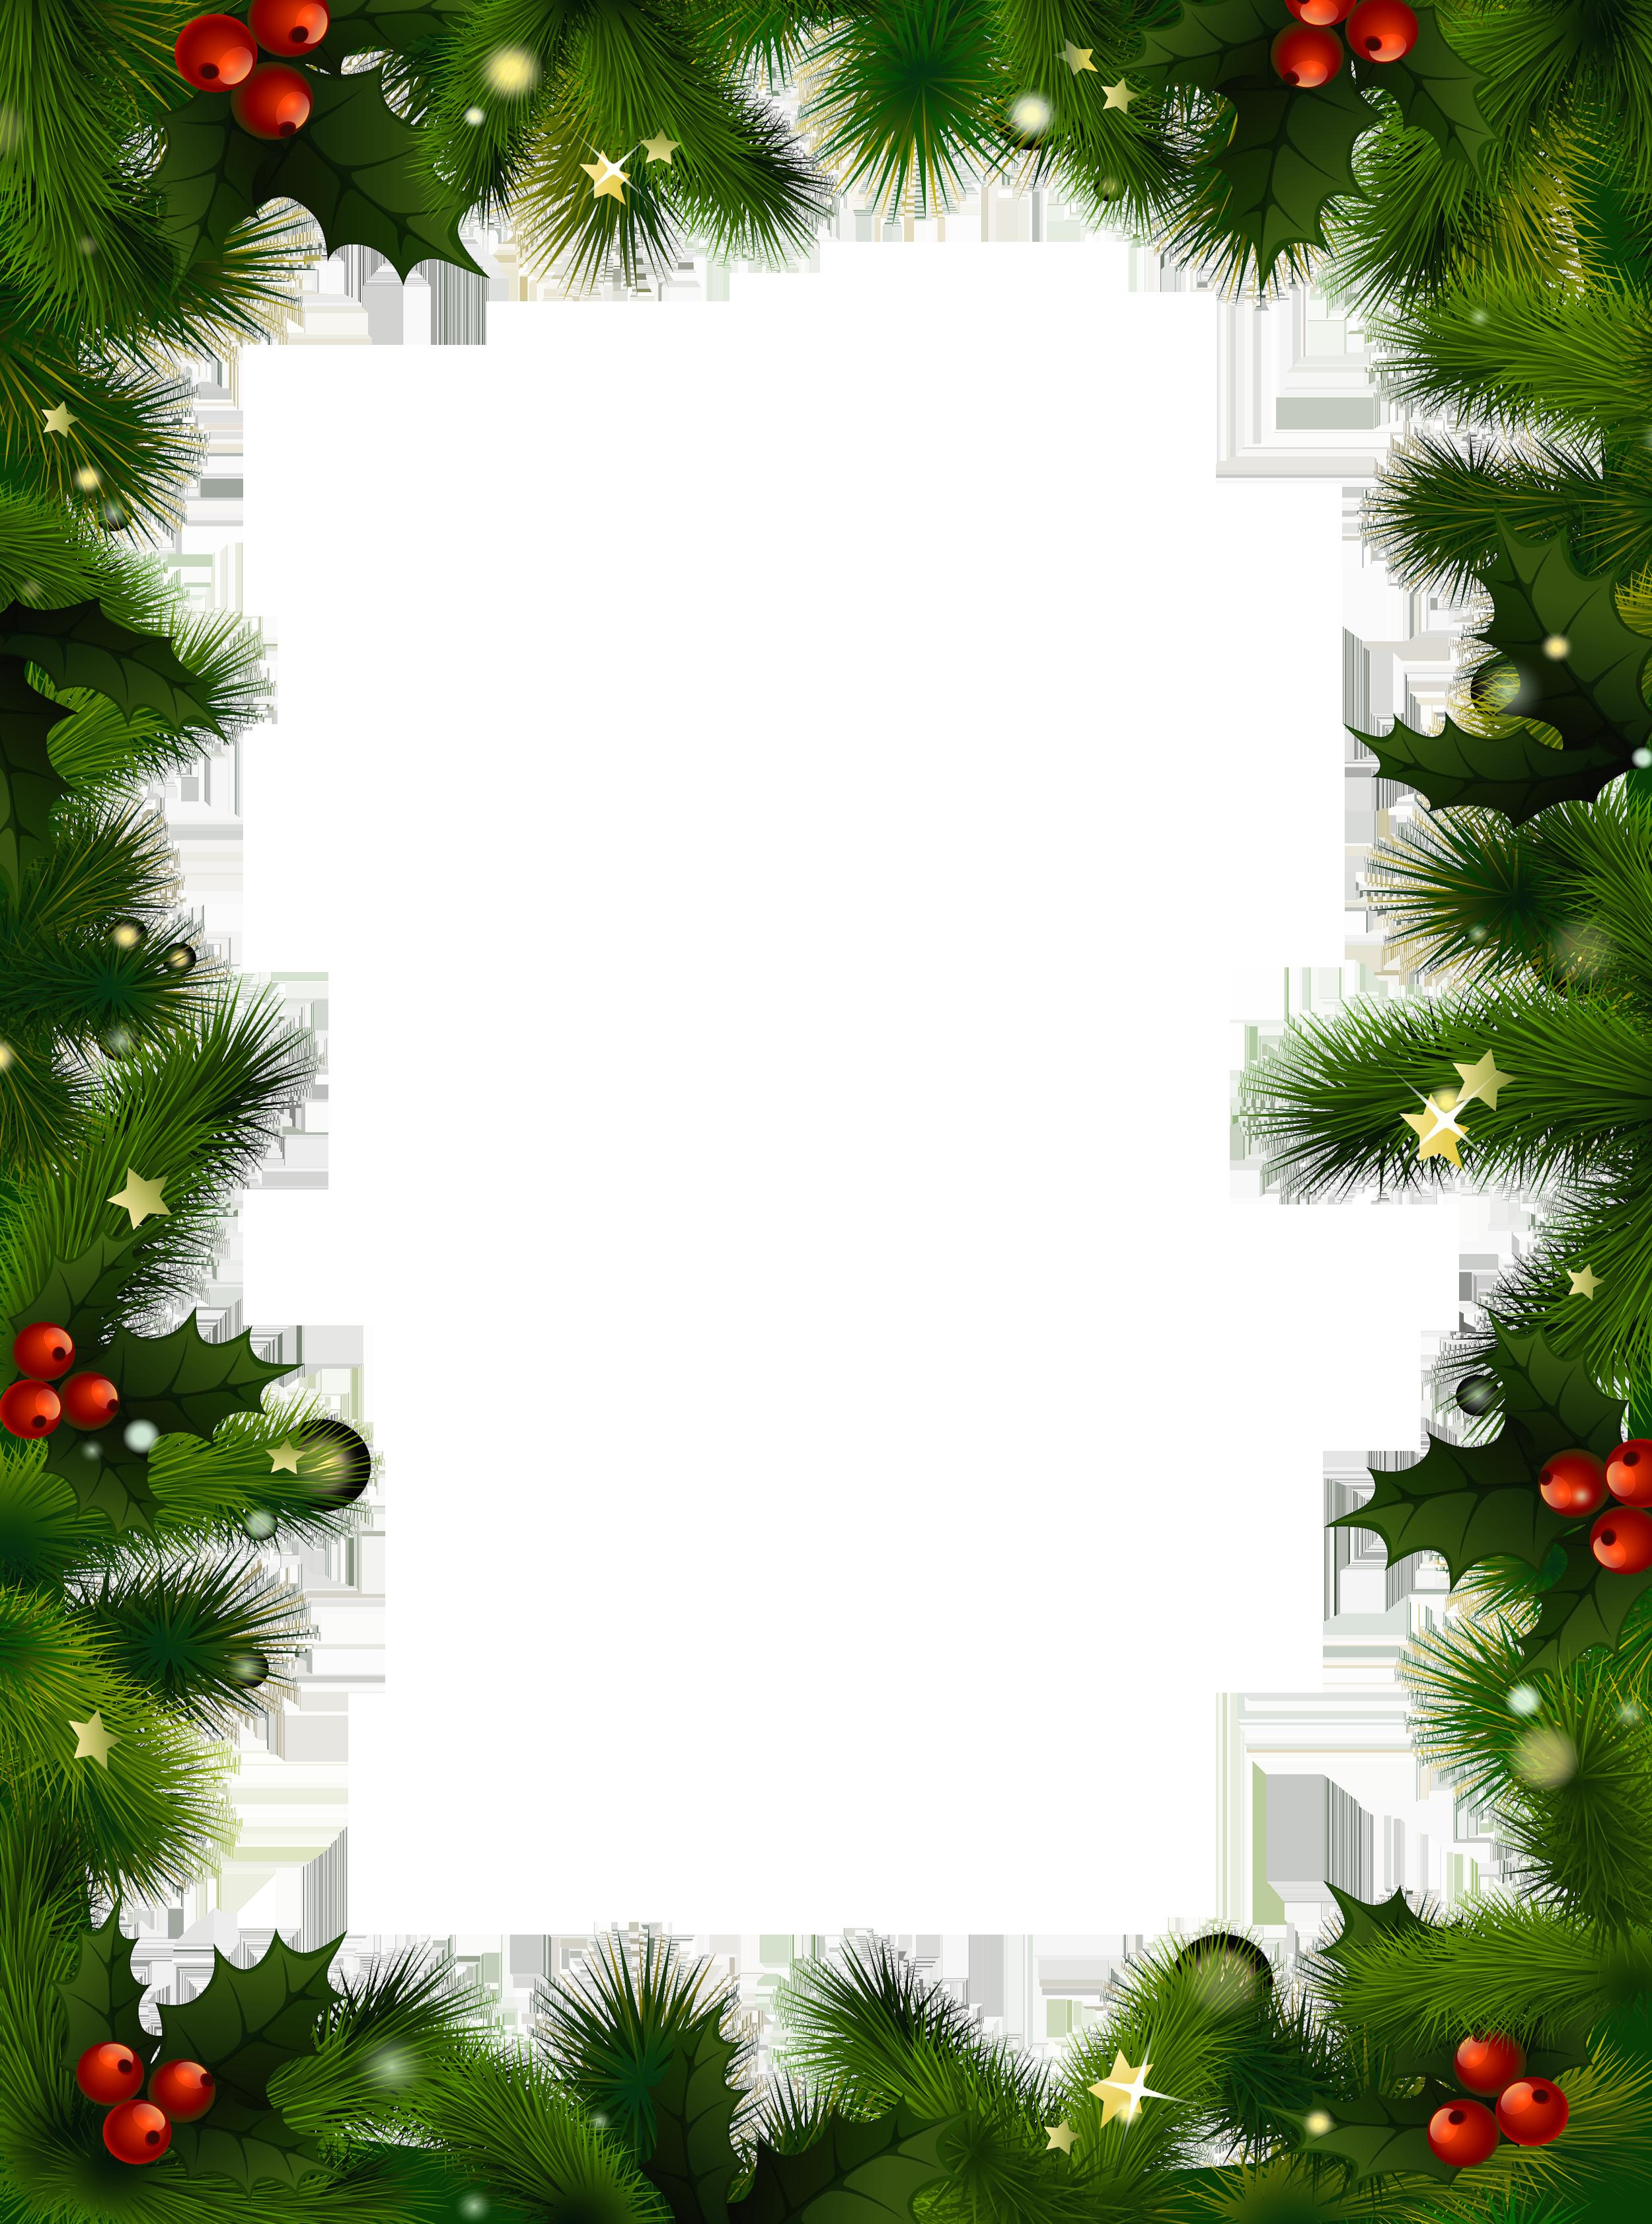 Moldura Cartao Natal Vertical 17 Png 2500 3366 Letras De Natal Clipart De Natal Molduras Natal